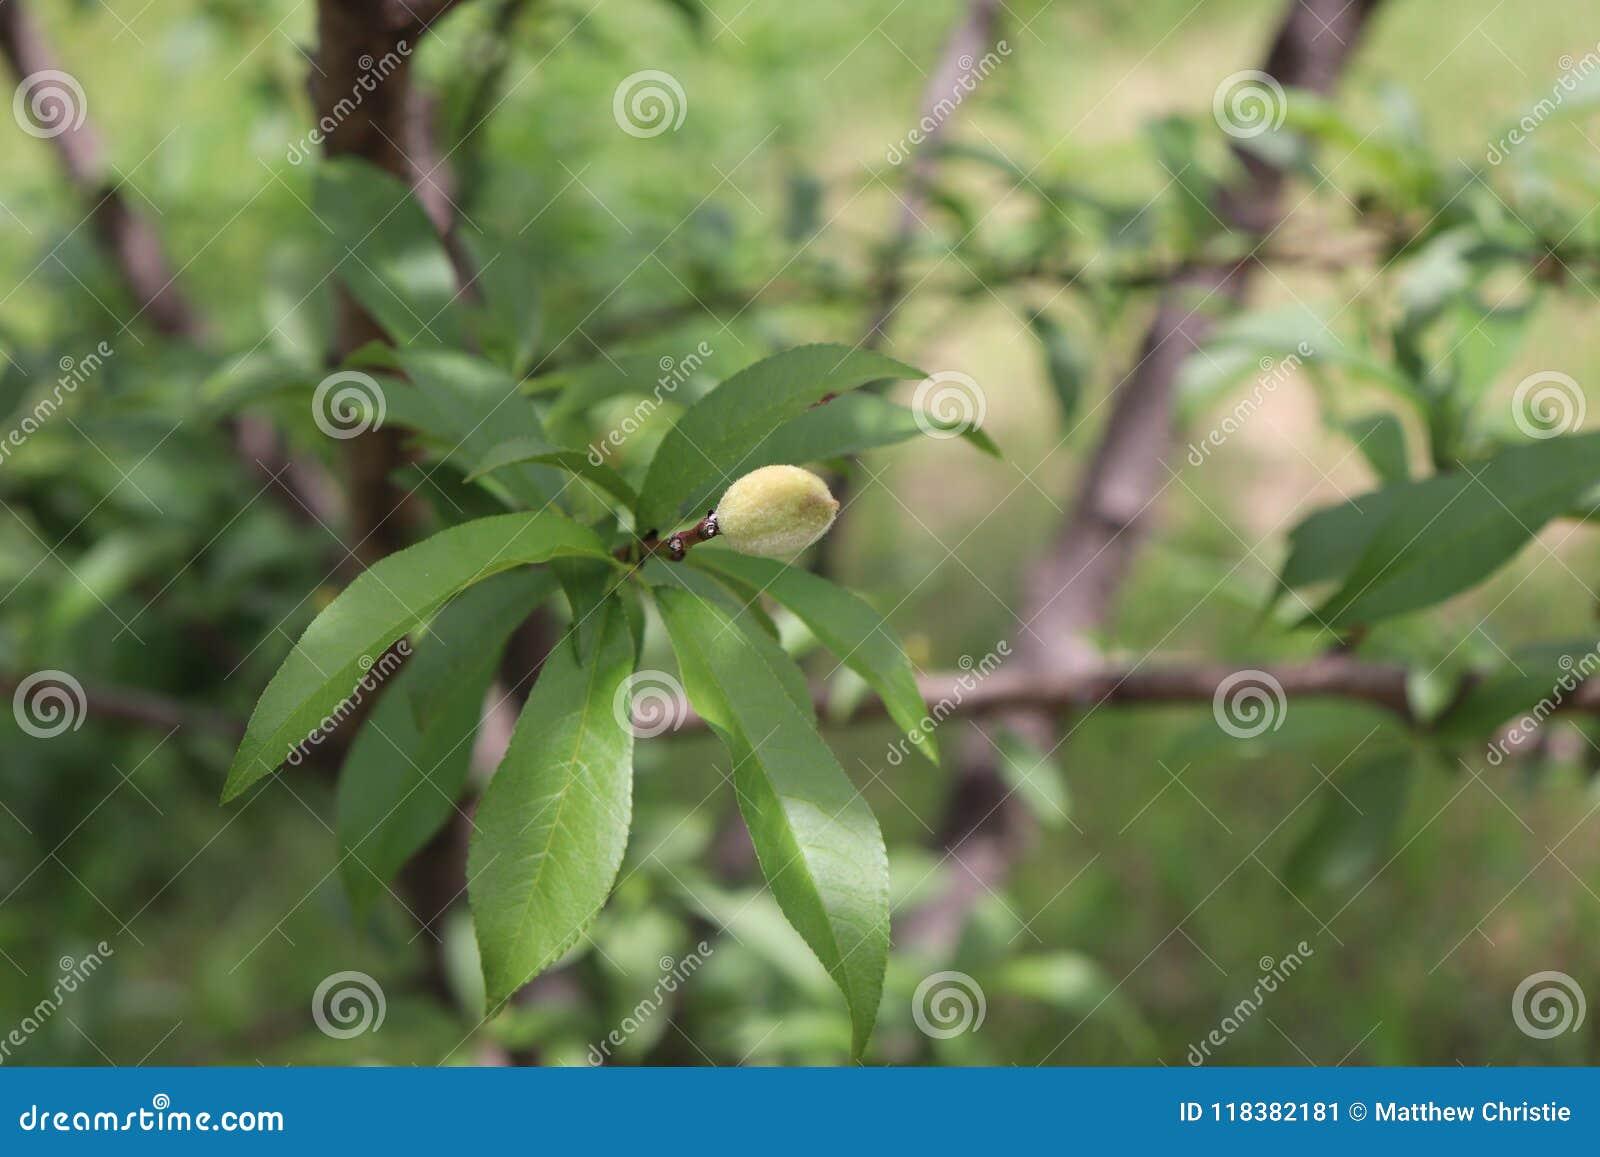 桃树,桃子,布朗,弄脏了背景